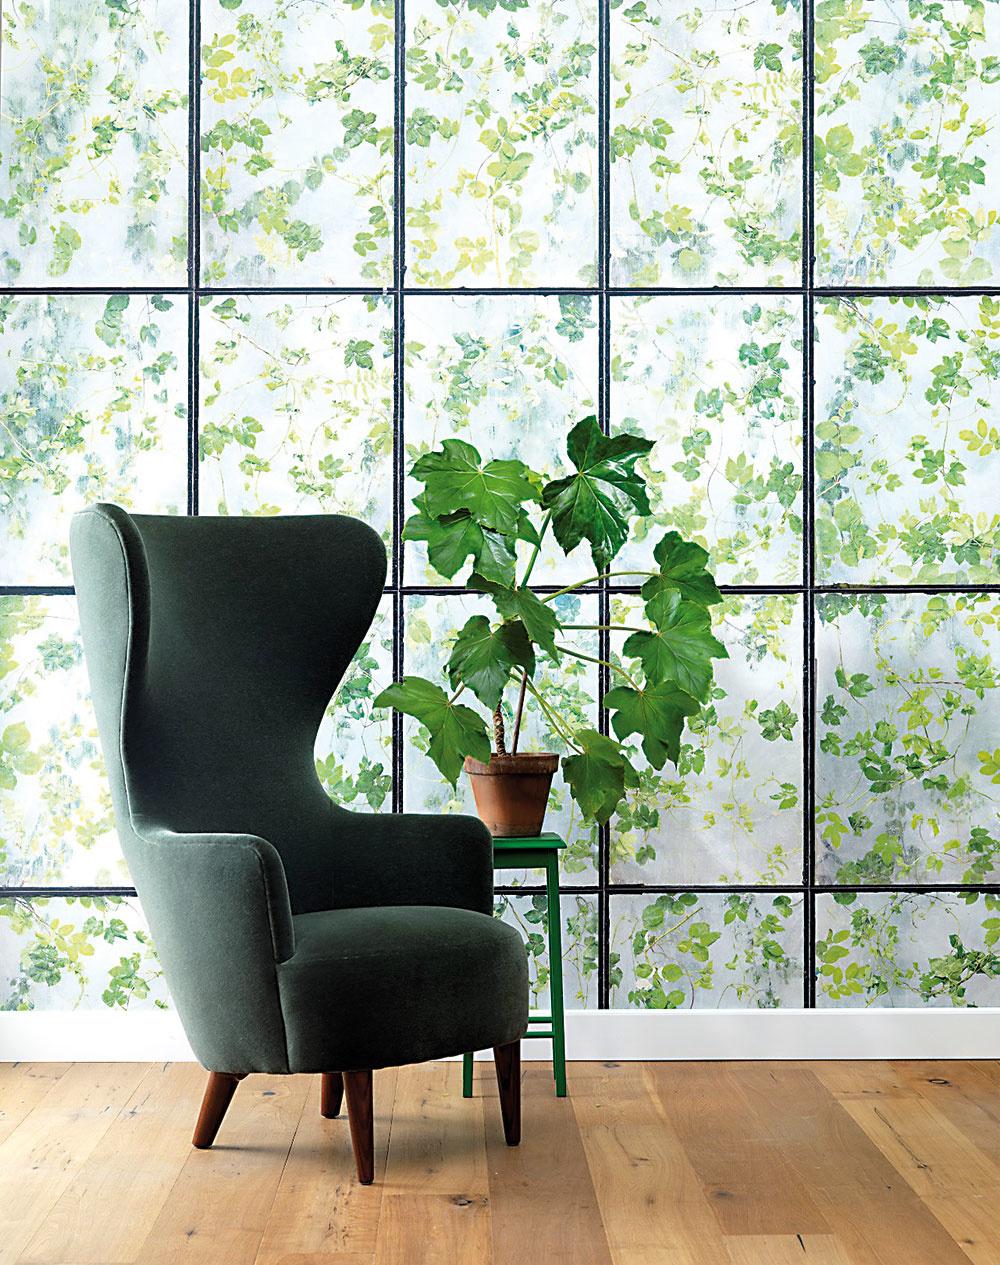 Štýl 2 Zeleň  Je dokázané, že zelená farba upokojuje aharmonizuje. Hodí sa do pracovne či spálne. Tapeta smotívom rastlinných listov je mimoriadne univerzálna apekne vynikne vkombinácii sdrevenou podlahou abielym nábytkom. Ak vám vaše bývanie neposkytuje pekné výhľady na zeleň astromy, siahnite aspoň po takejto náhrade. FOTO GREENHOUSE